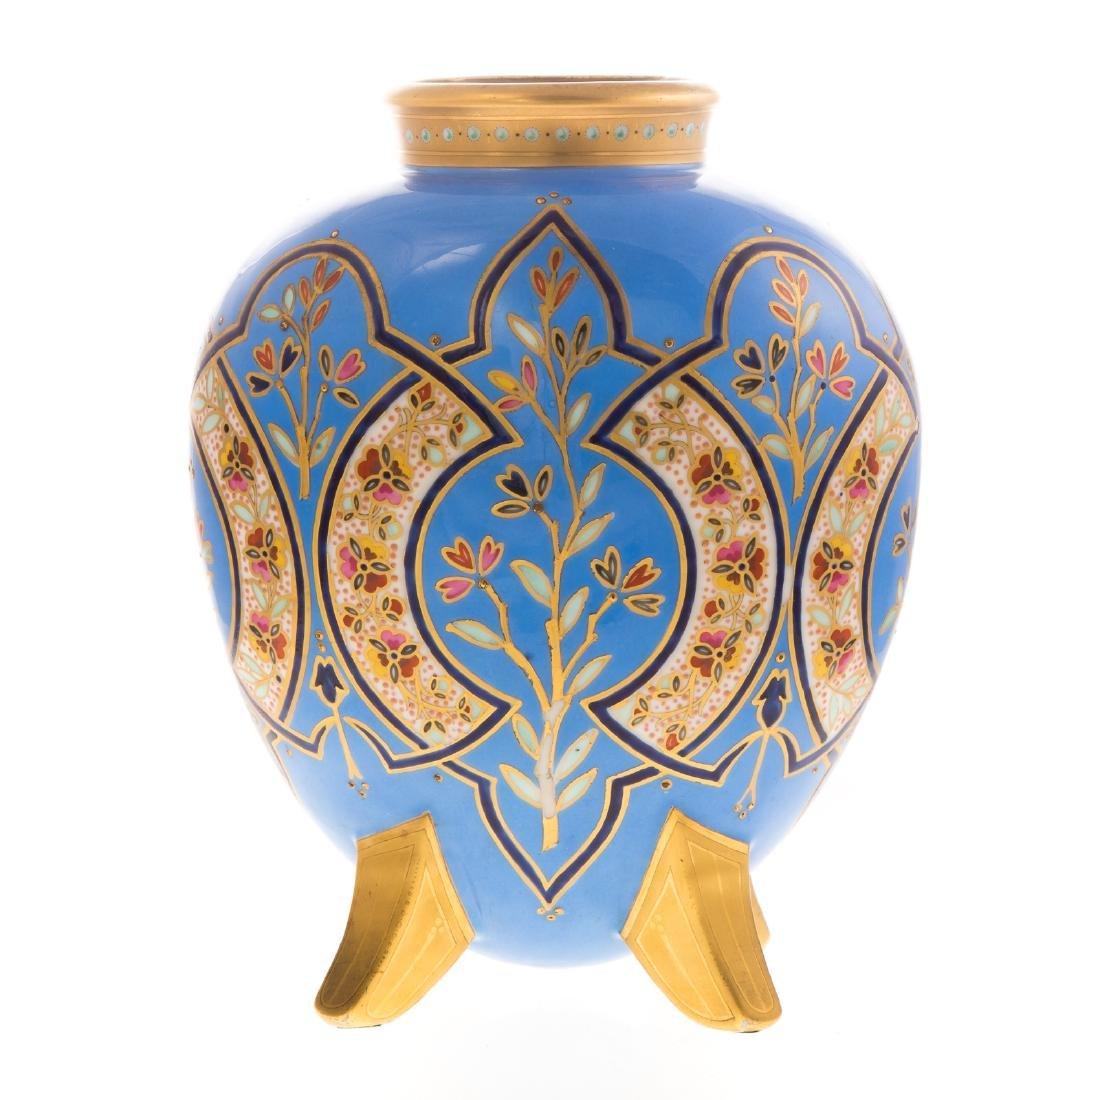 Limoges Porcelain Vase